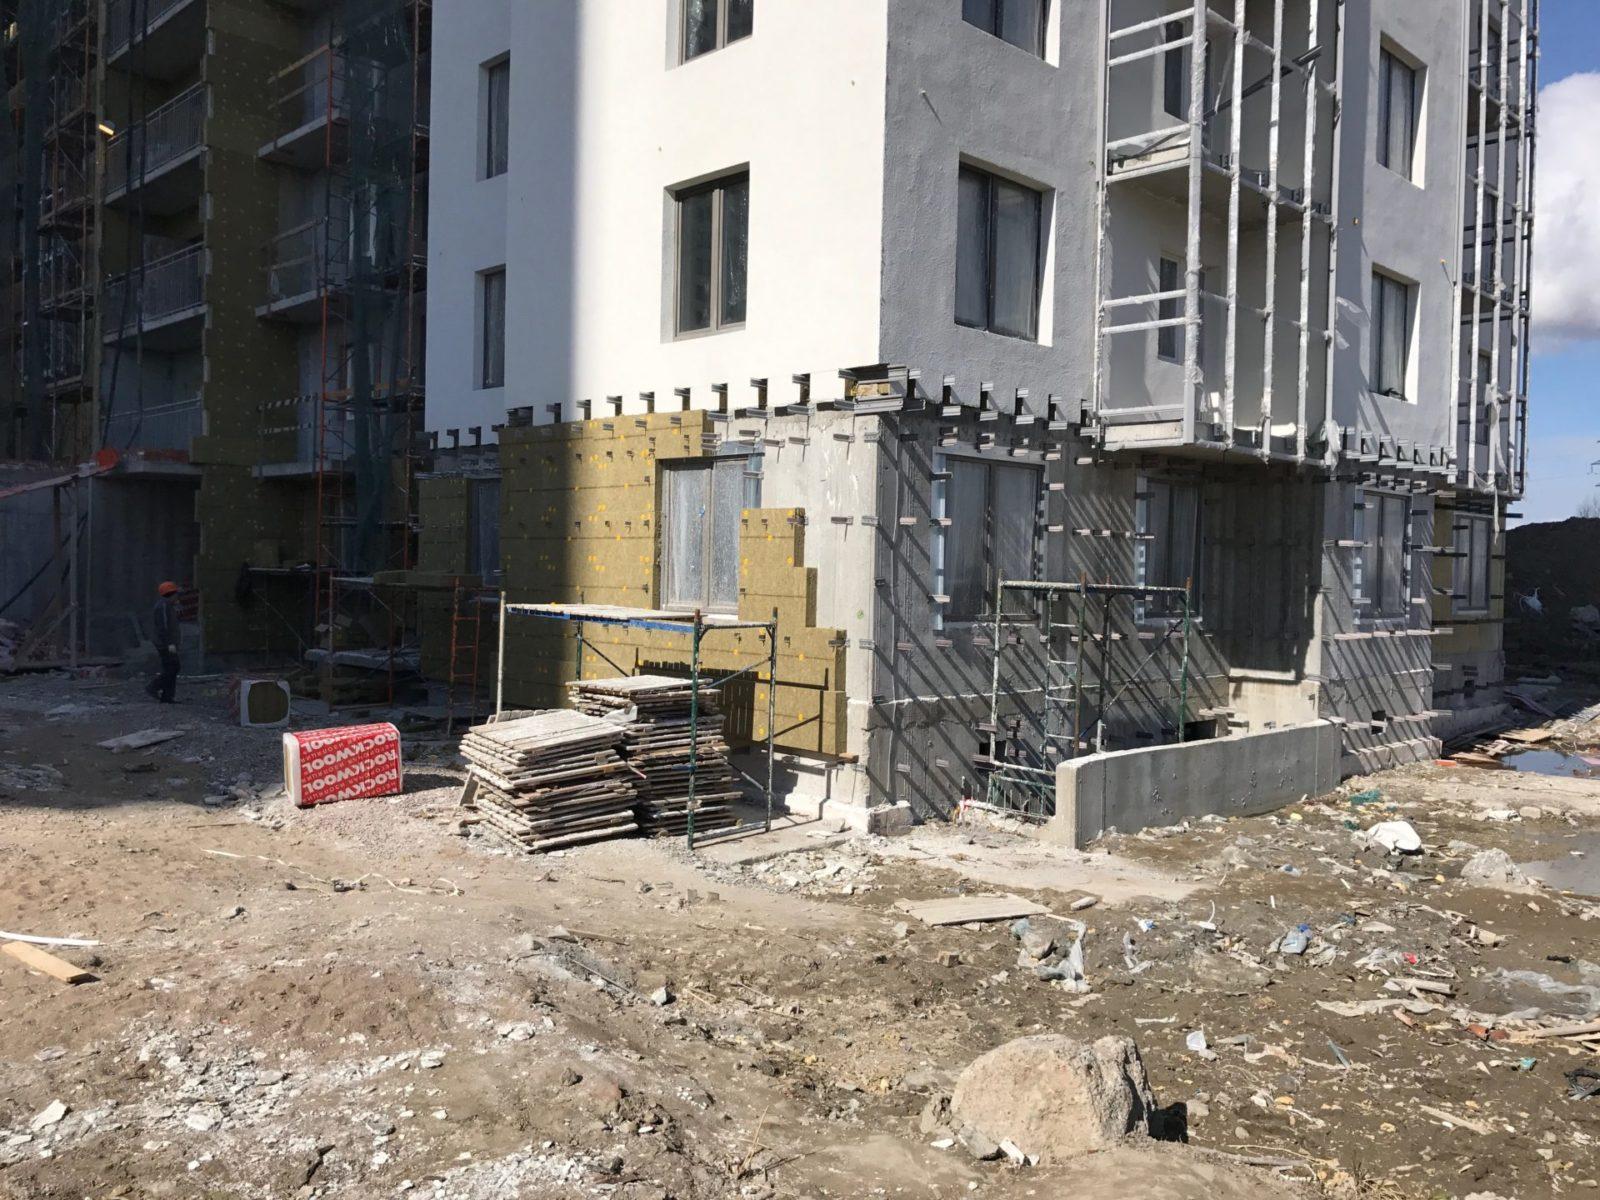 Выполнение работ по устройству вентилируемых фасадов для ПАО «Группа ЛСР» в Петербурге